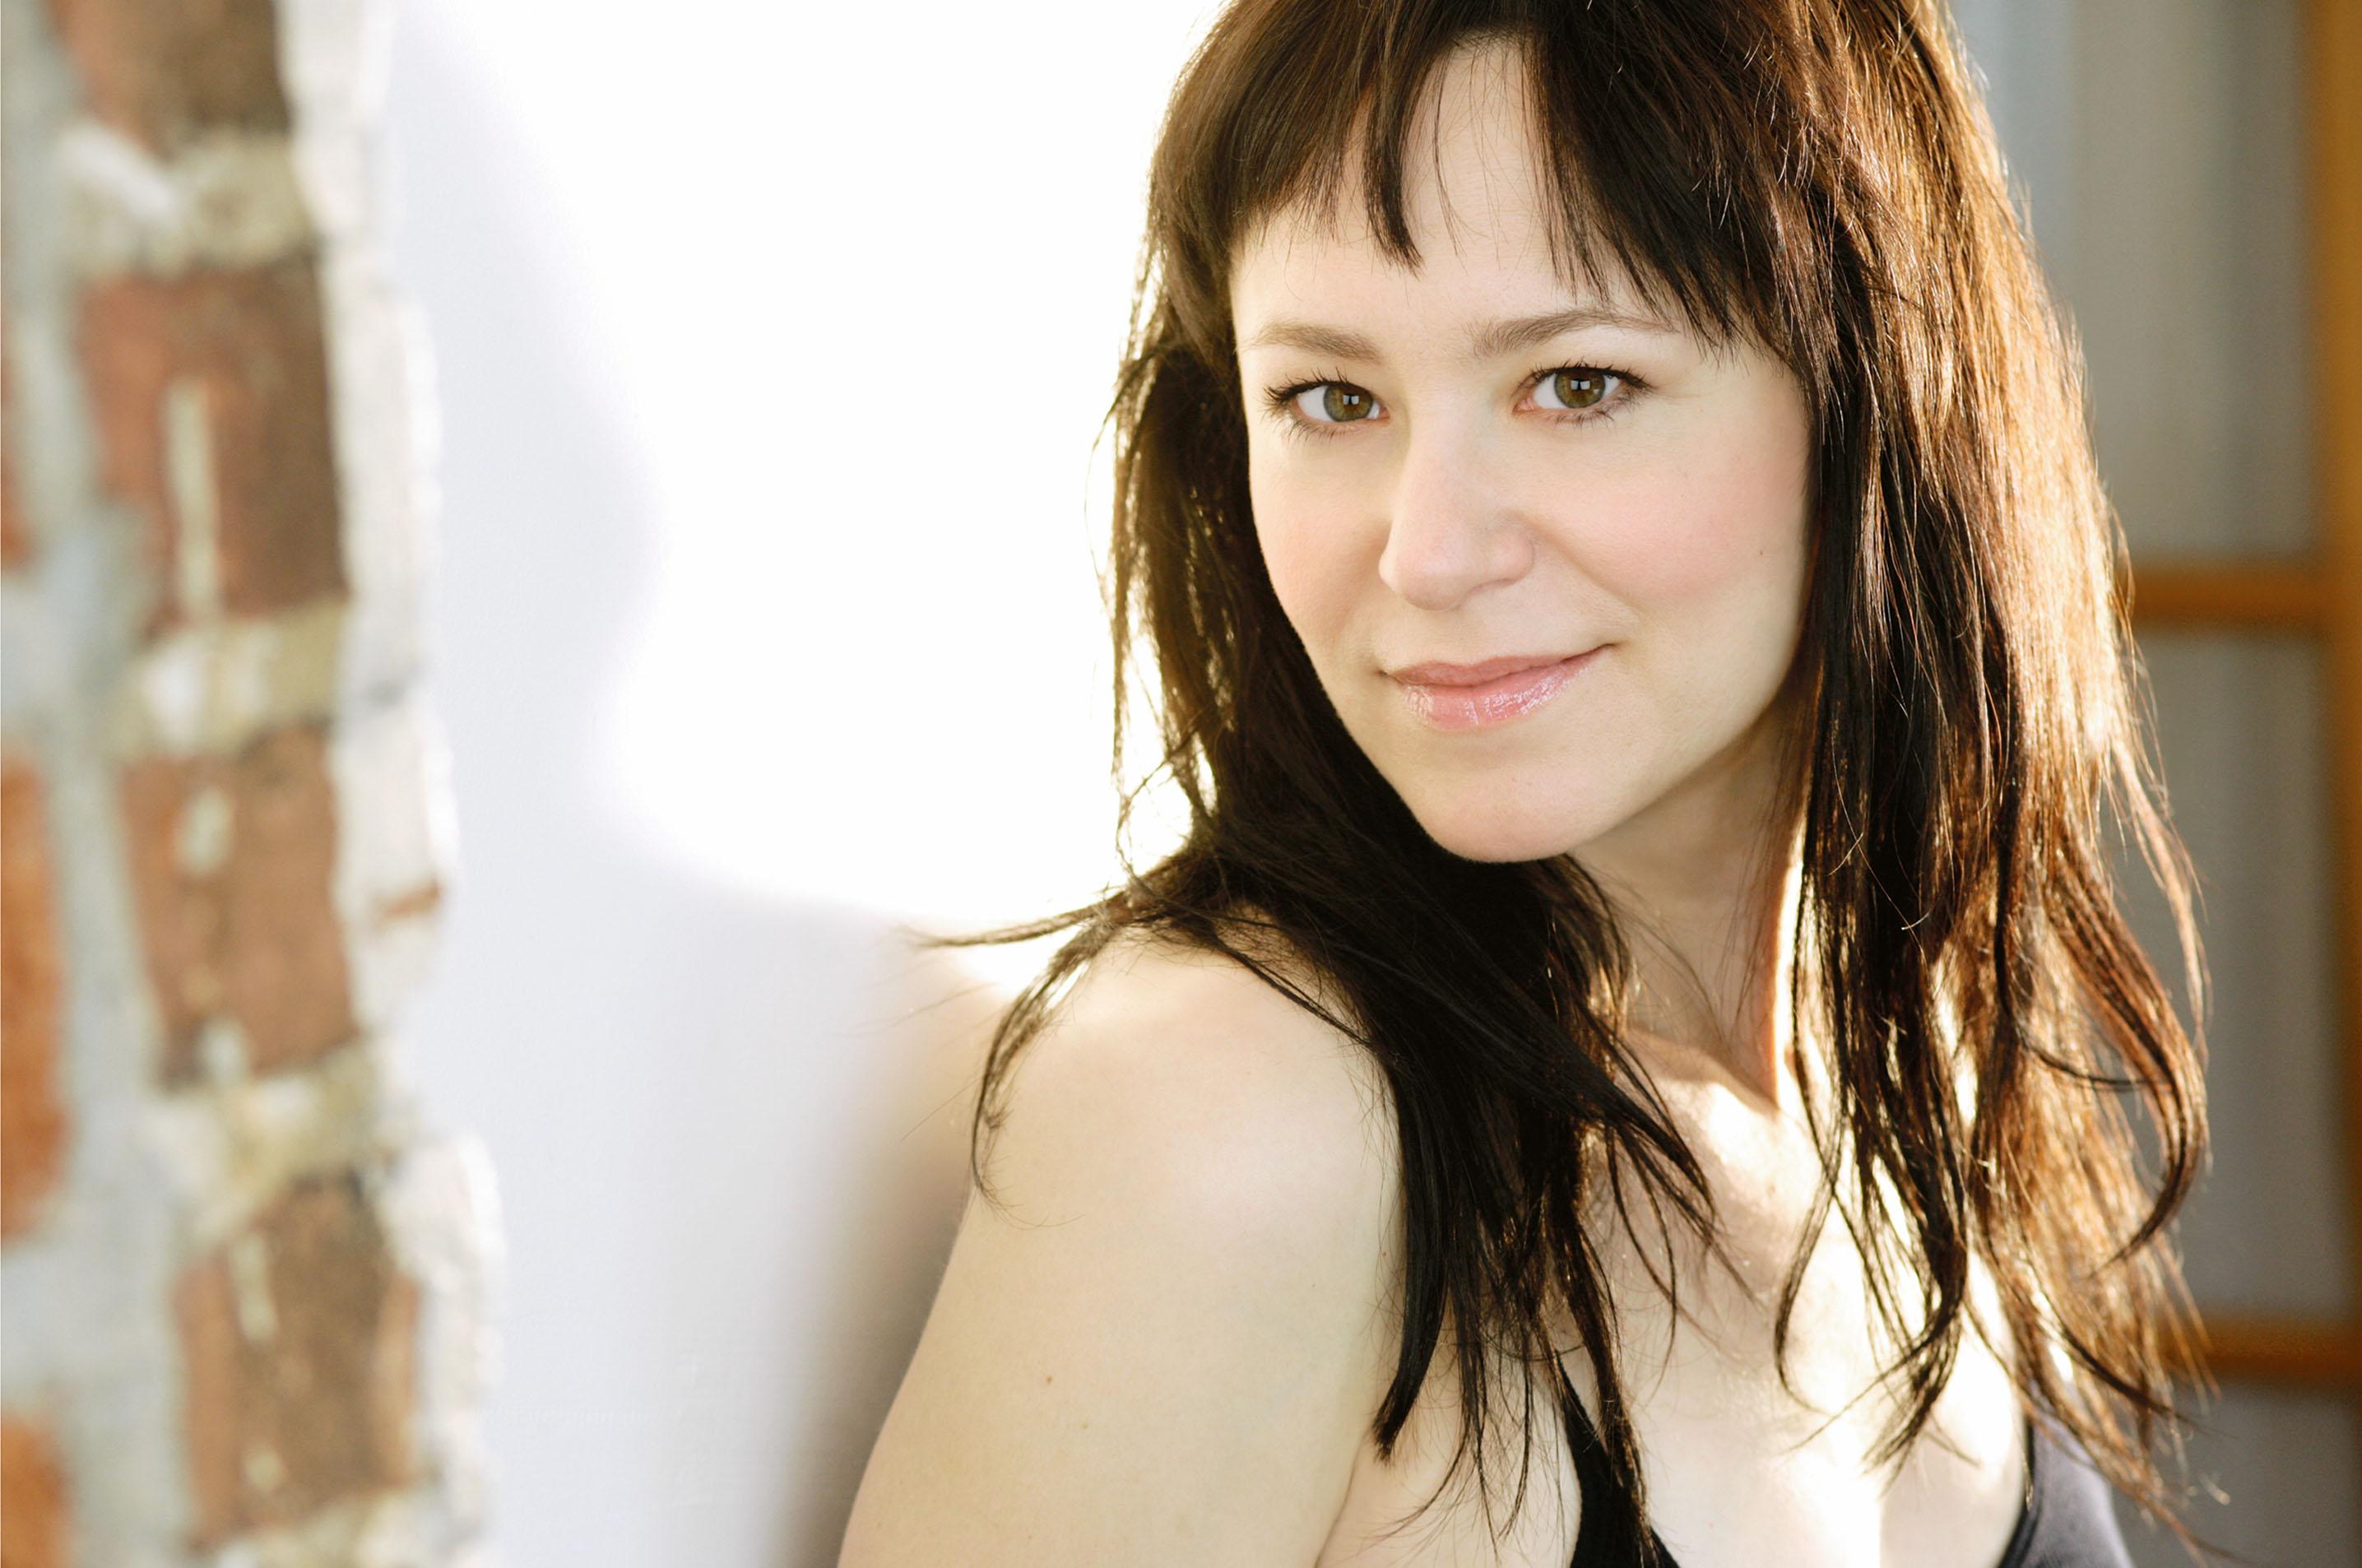 Maia Macek